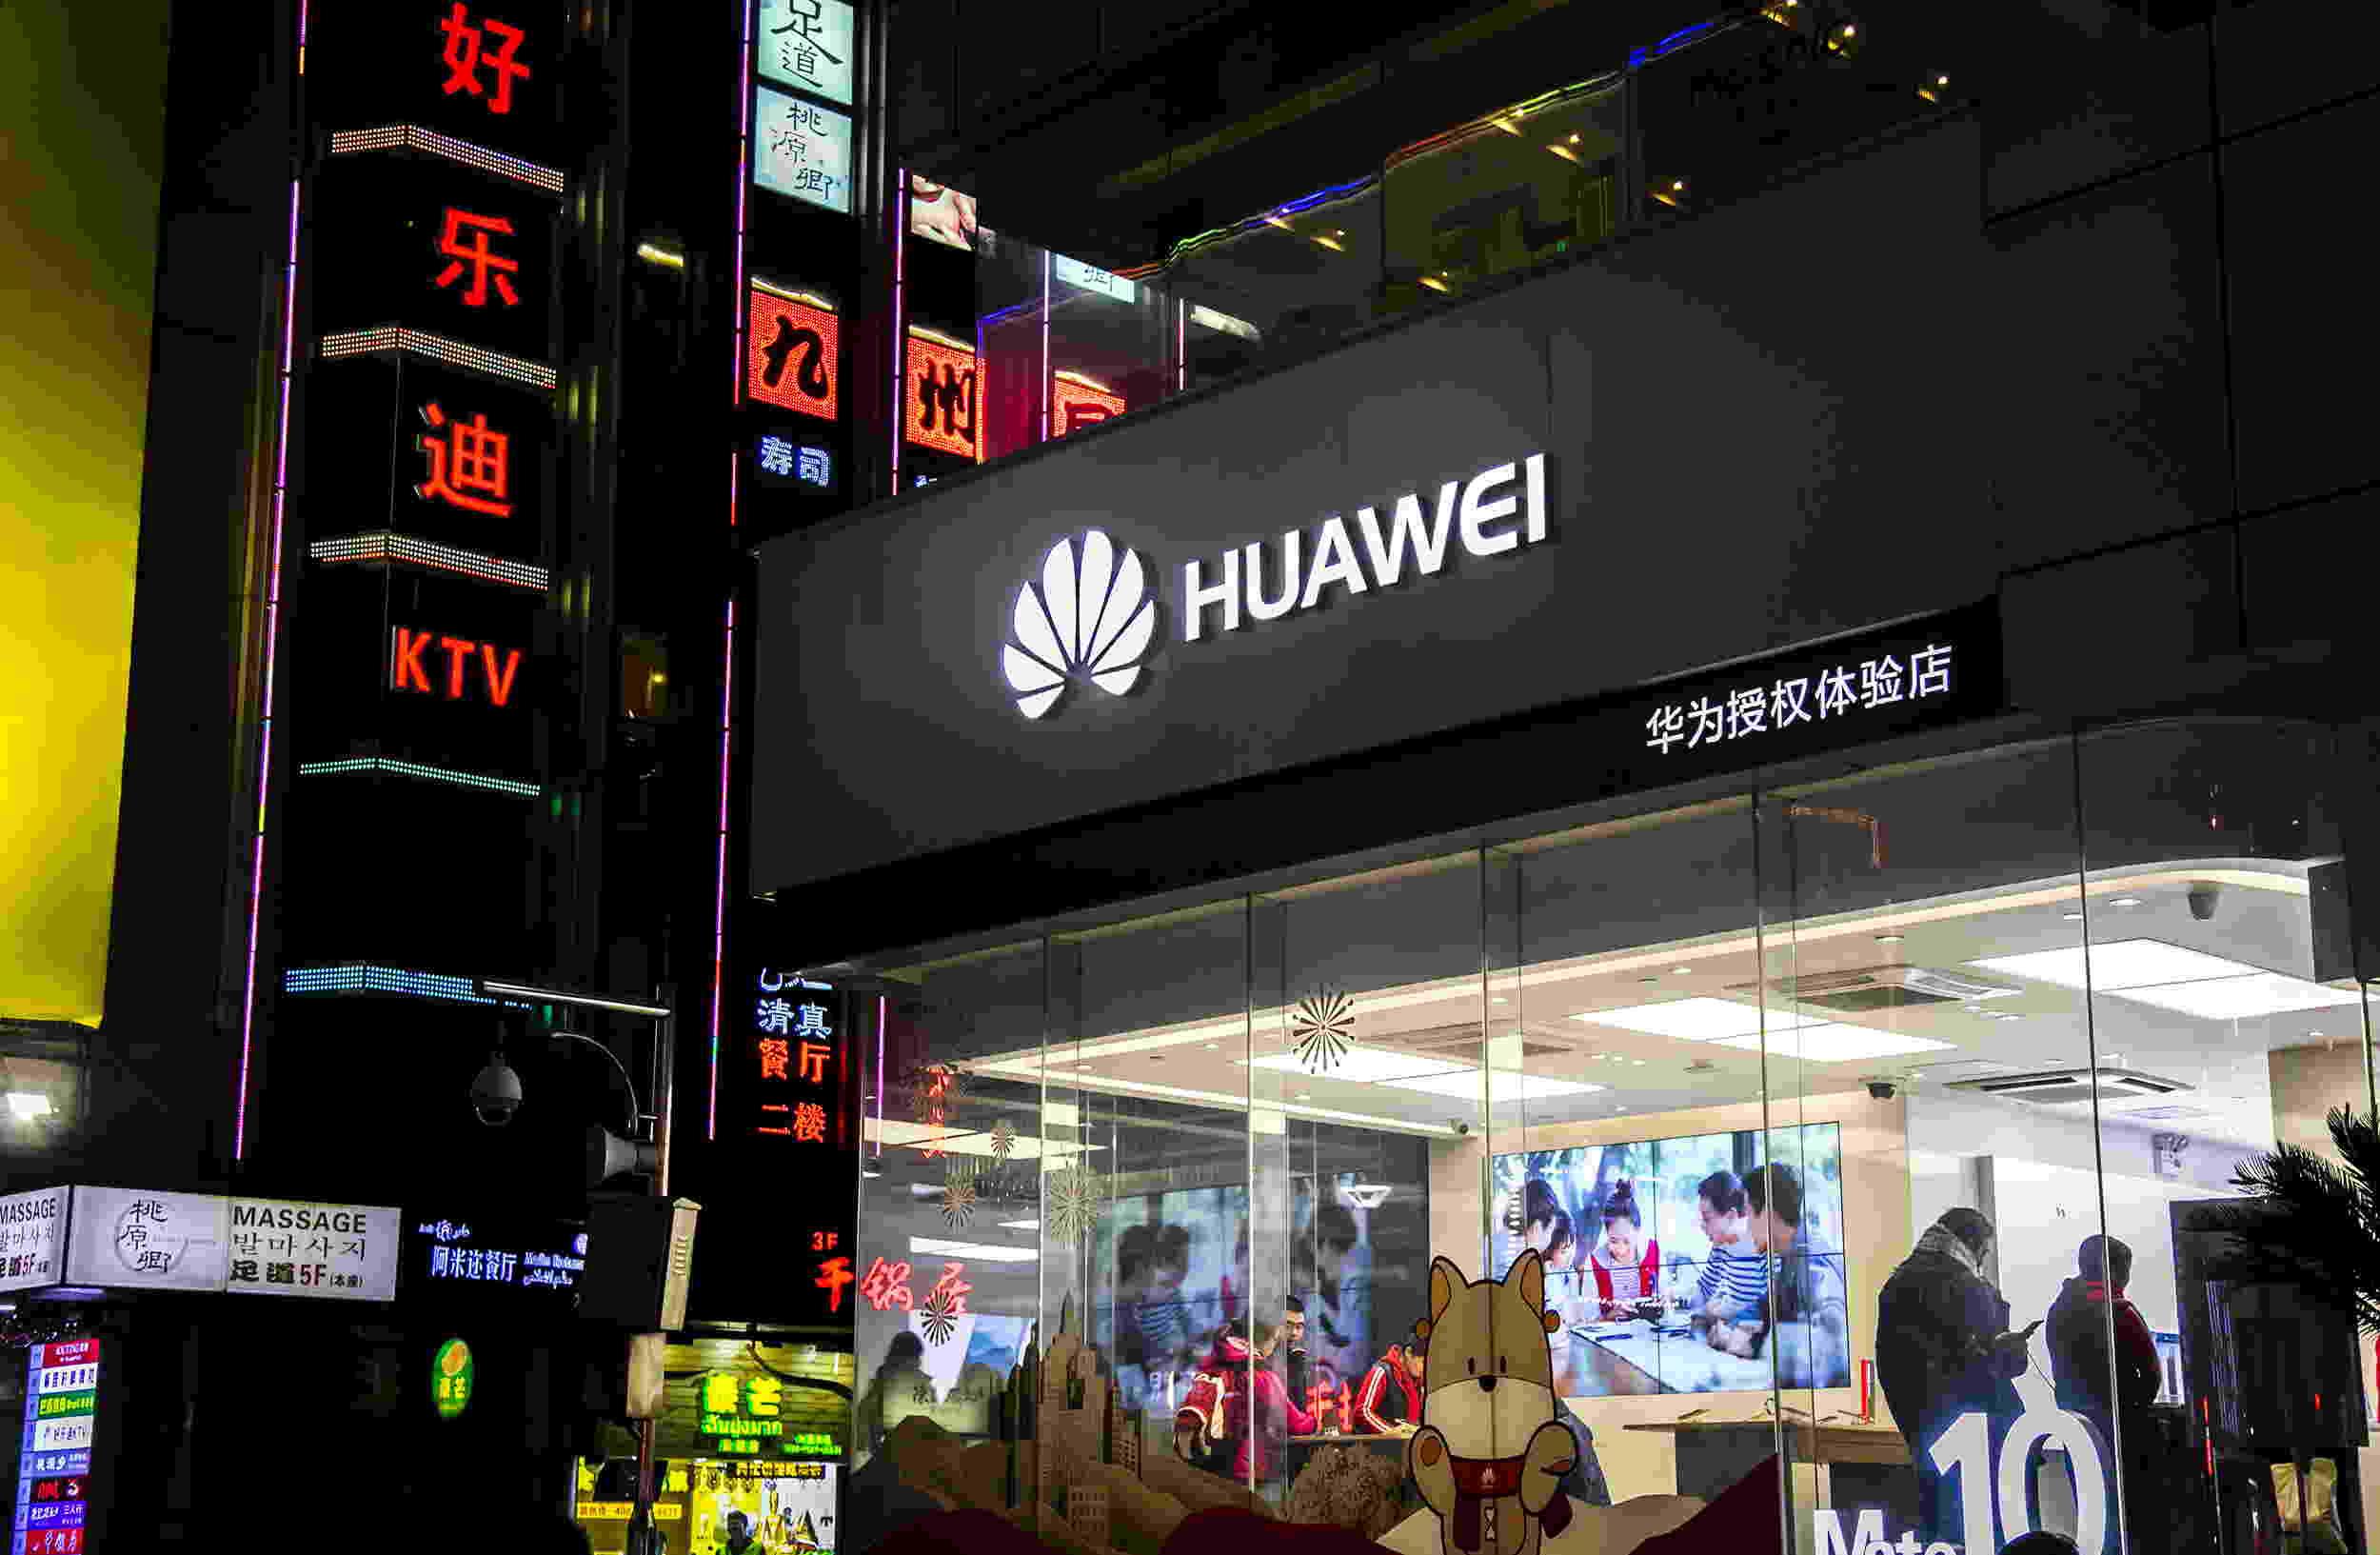 Huawei Bat cu nuoc nao chao don Huawei, chung toi se tich cuc dau tu vao nuoc do (3).